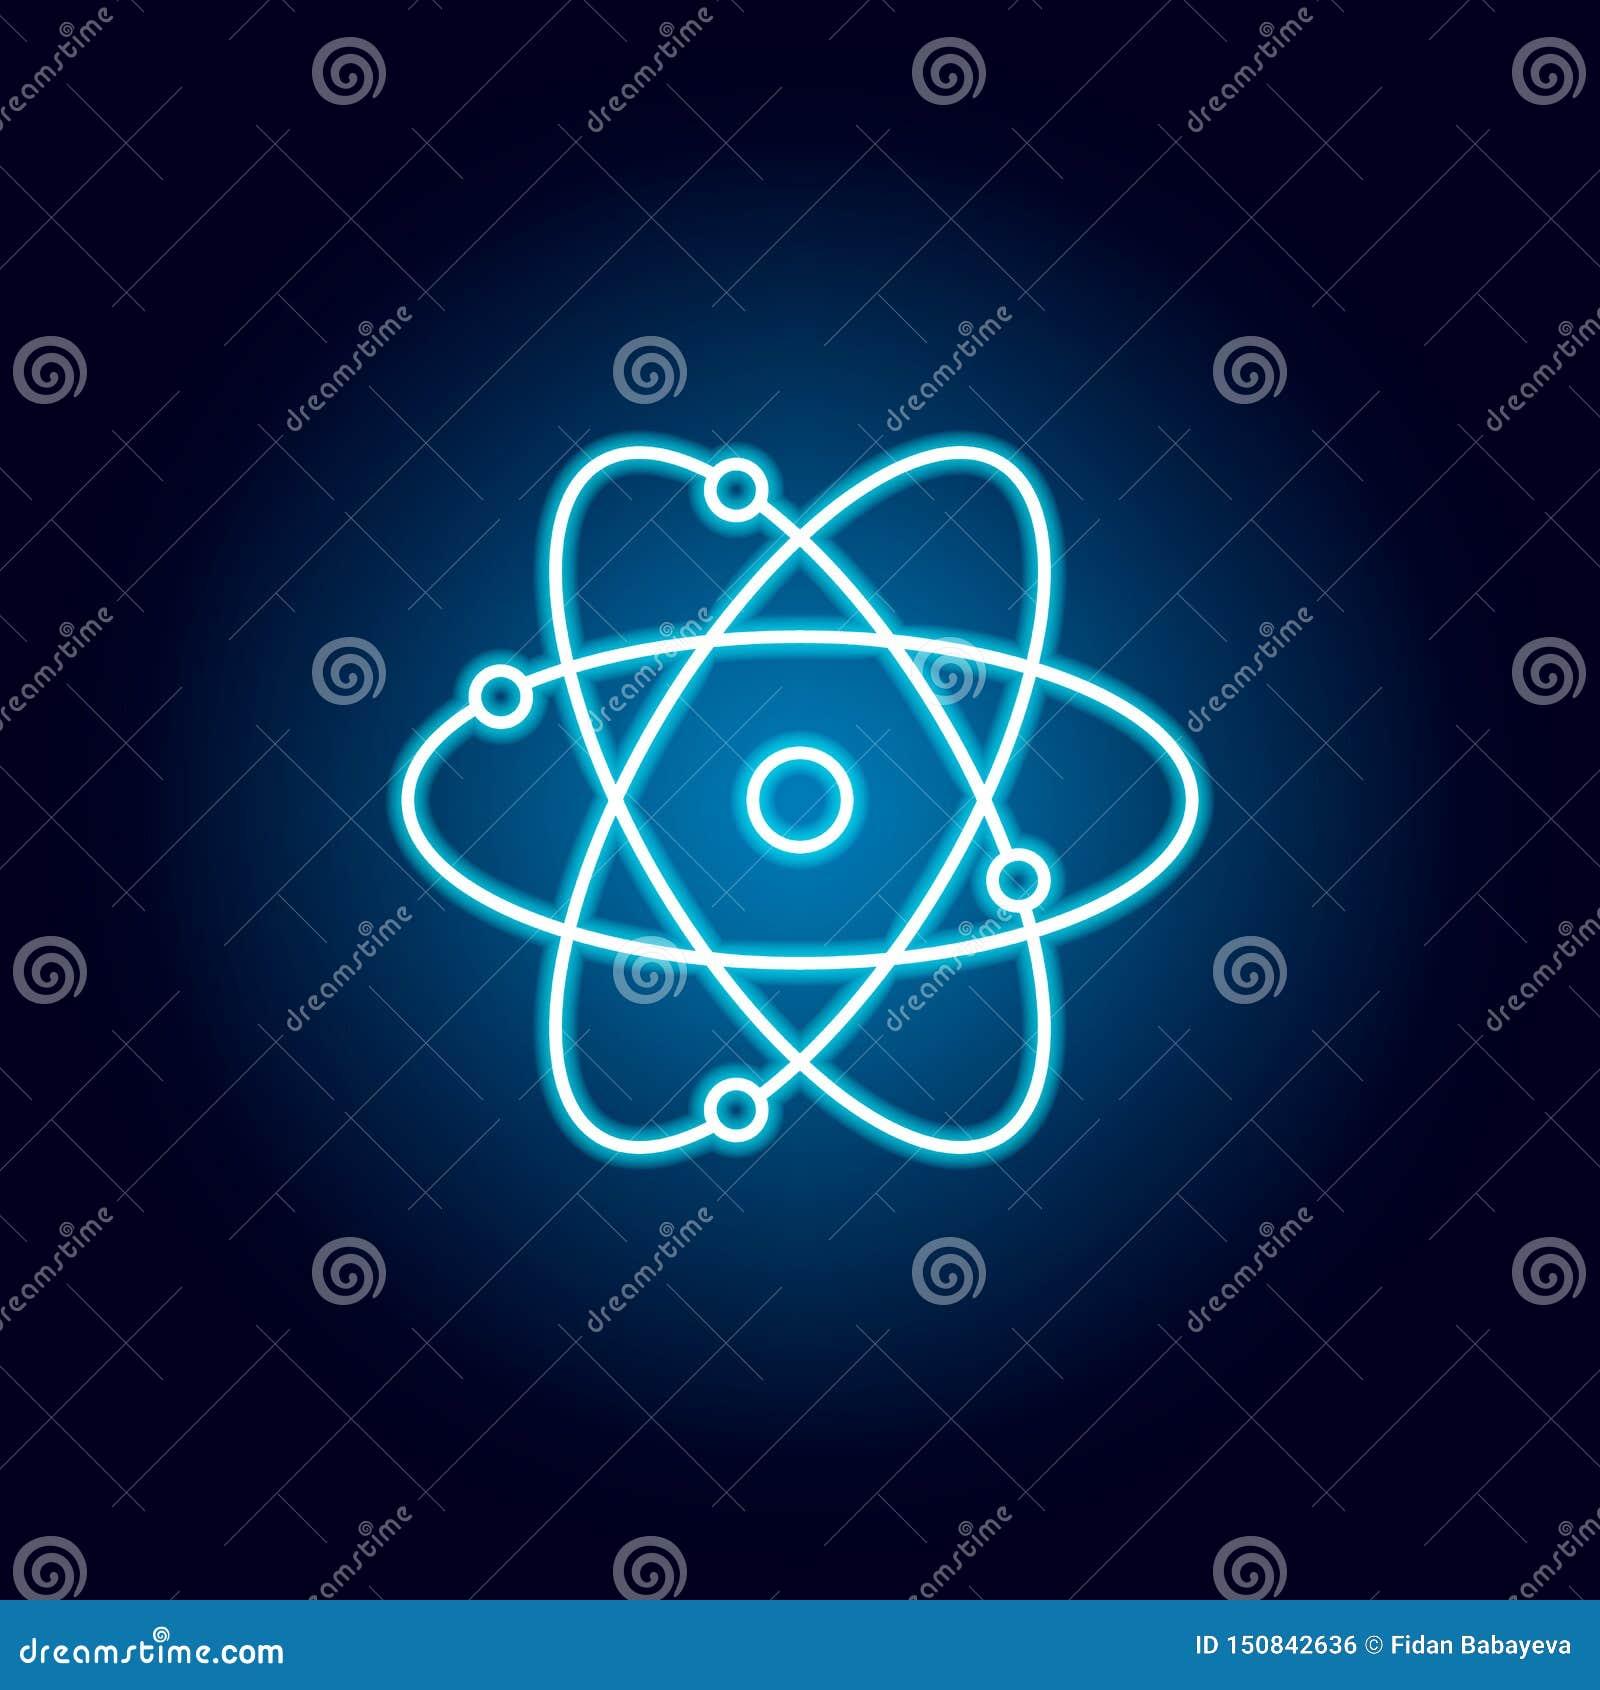 Atom, chemia konturu ikona w neonowym stylu elementy edukacji ilustracji linii ikona znaki, symbole mogą używać dla sieci, logo